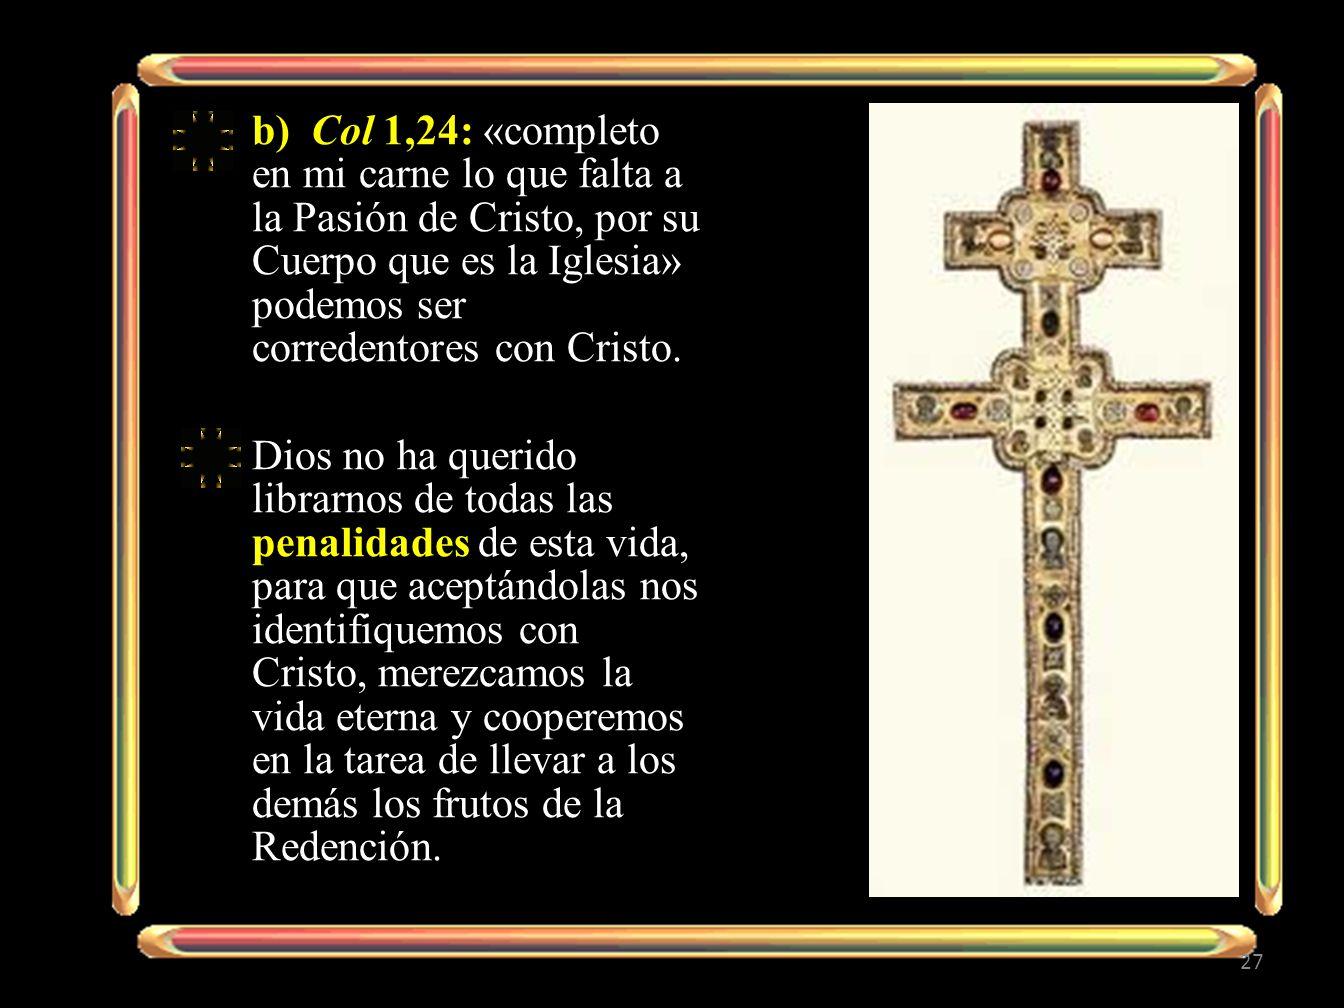 b) Col 1,24: «completo en mi carne lo que falta a la Pasión de Cristo, por su Cuerpo que es la Iglesia» podemos ser corredentores con Cristo. Dios no